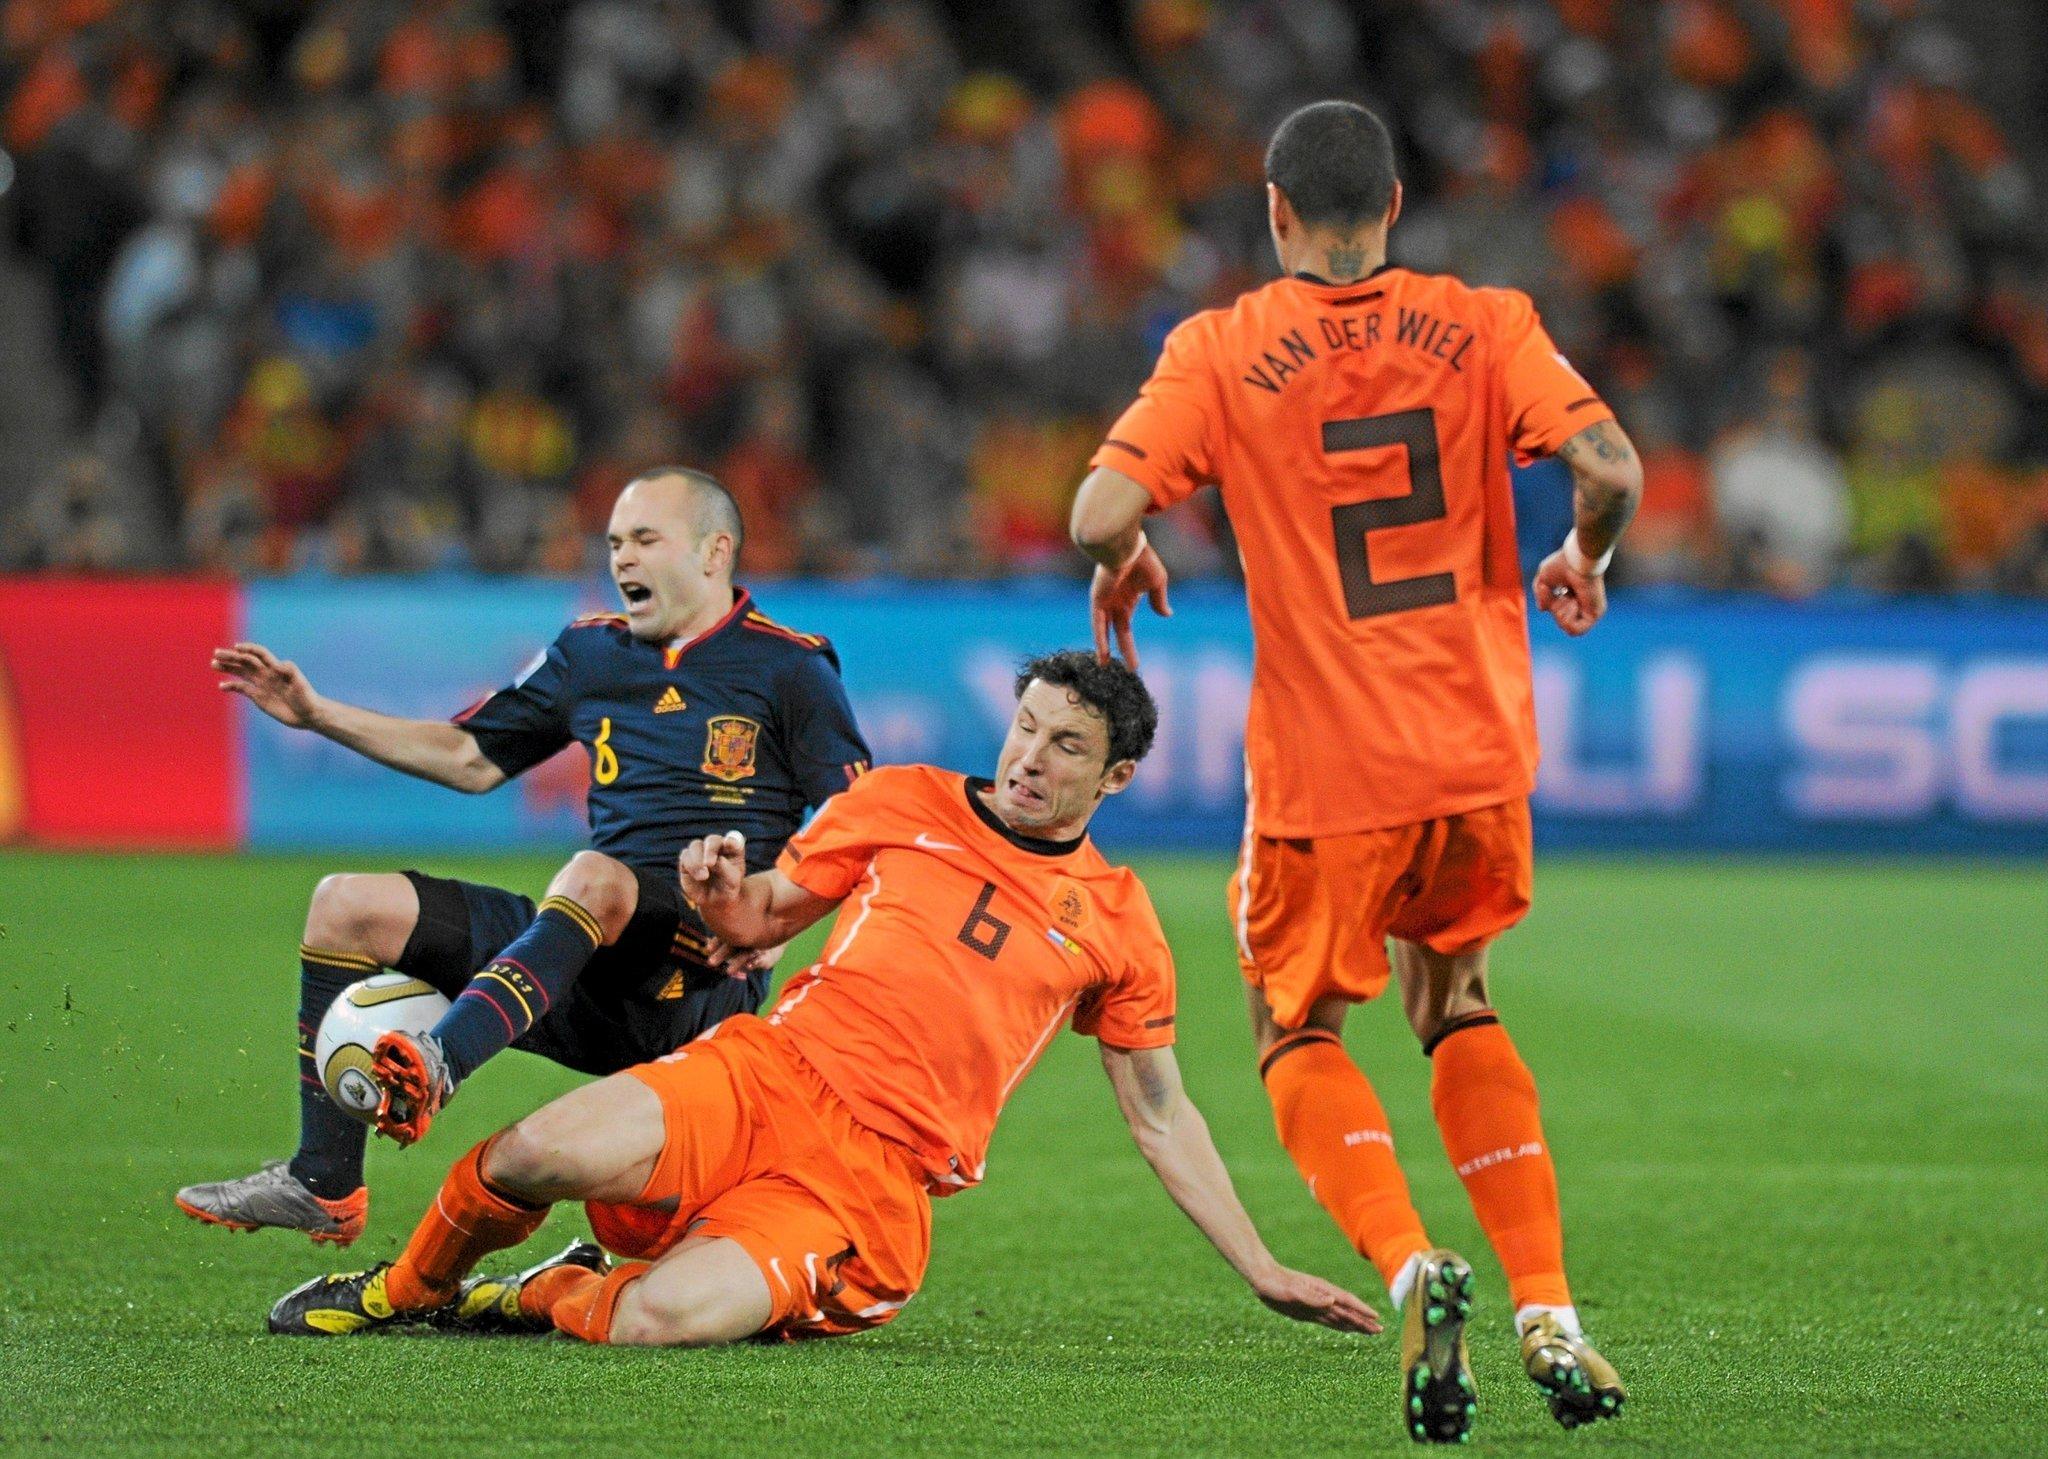 Barcelona despertó a tiempo en Champions League y terminó goleando al PSV